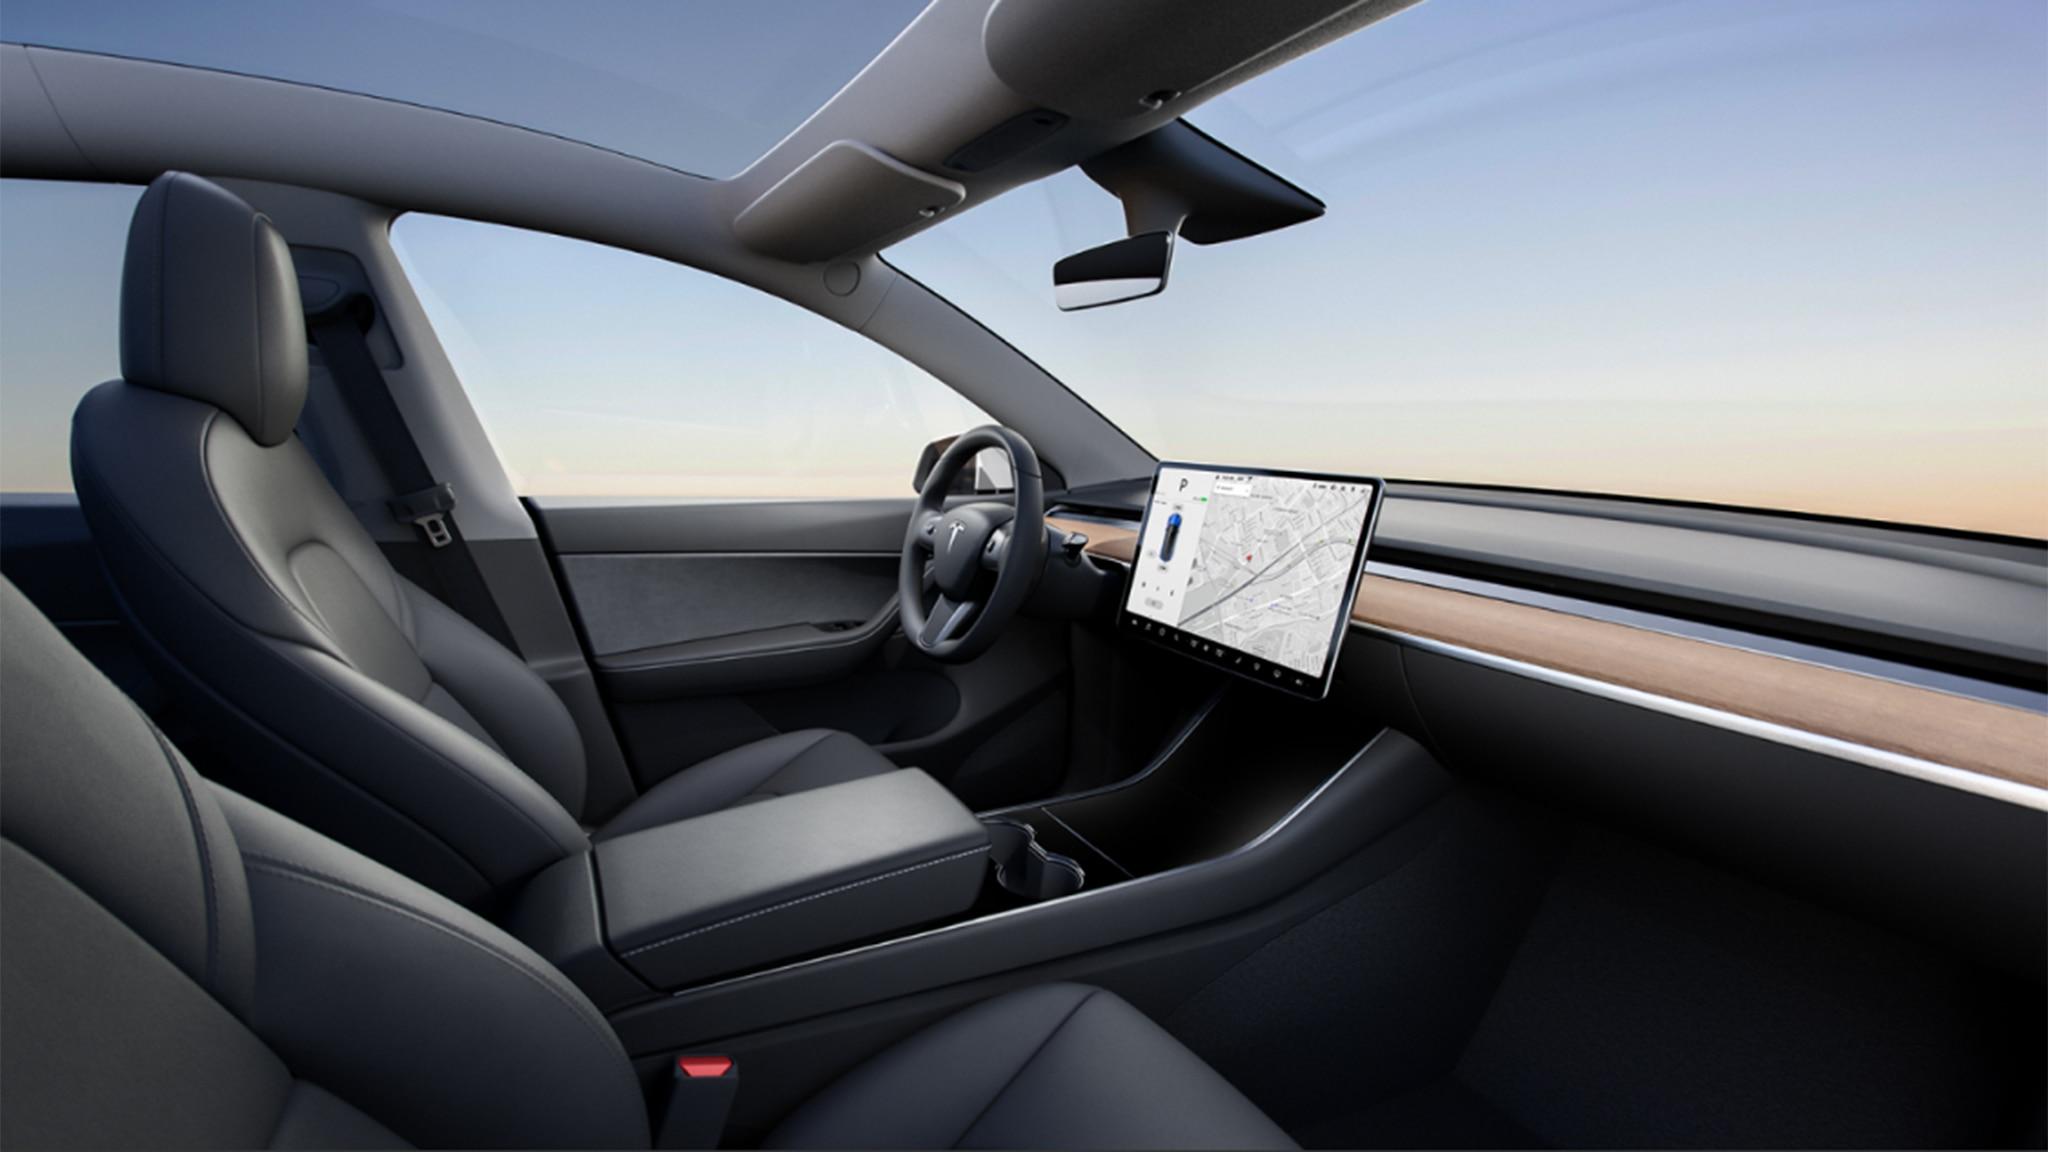 2022 Tesla Pickup Truck: Renderings + What We Know